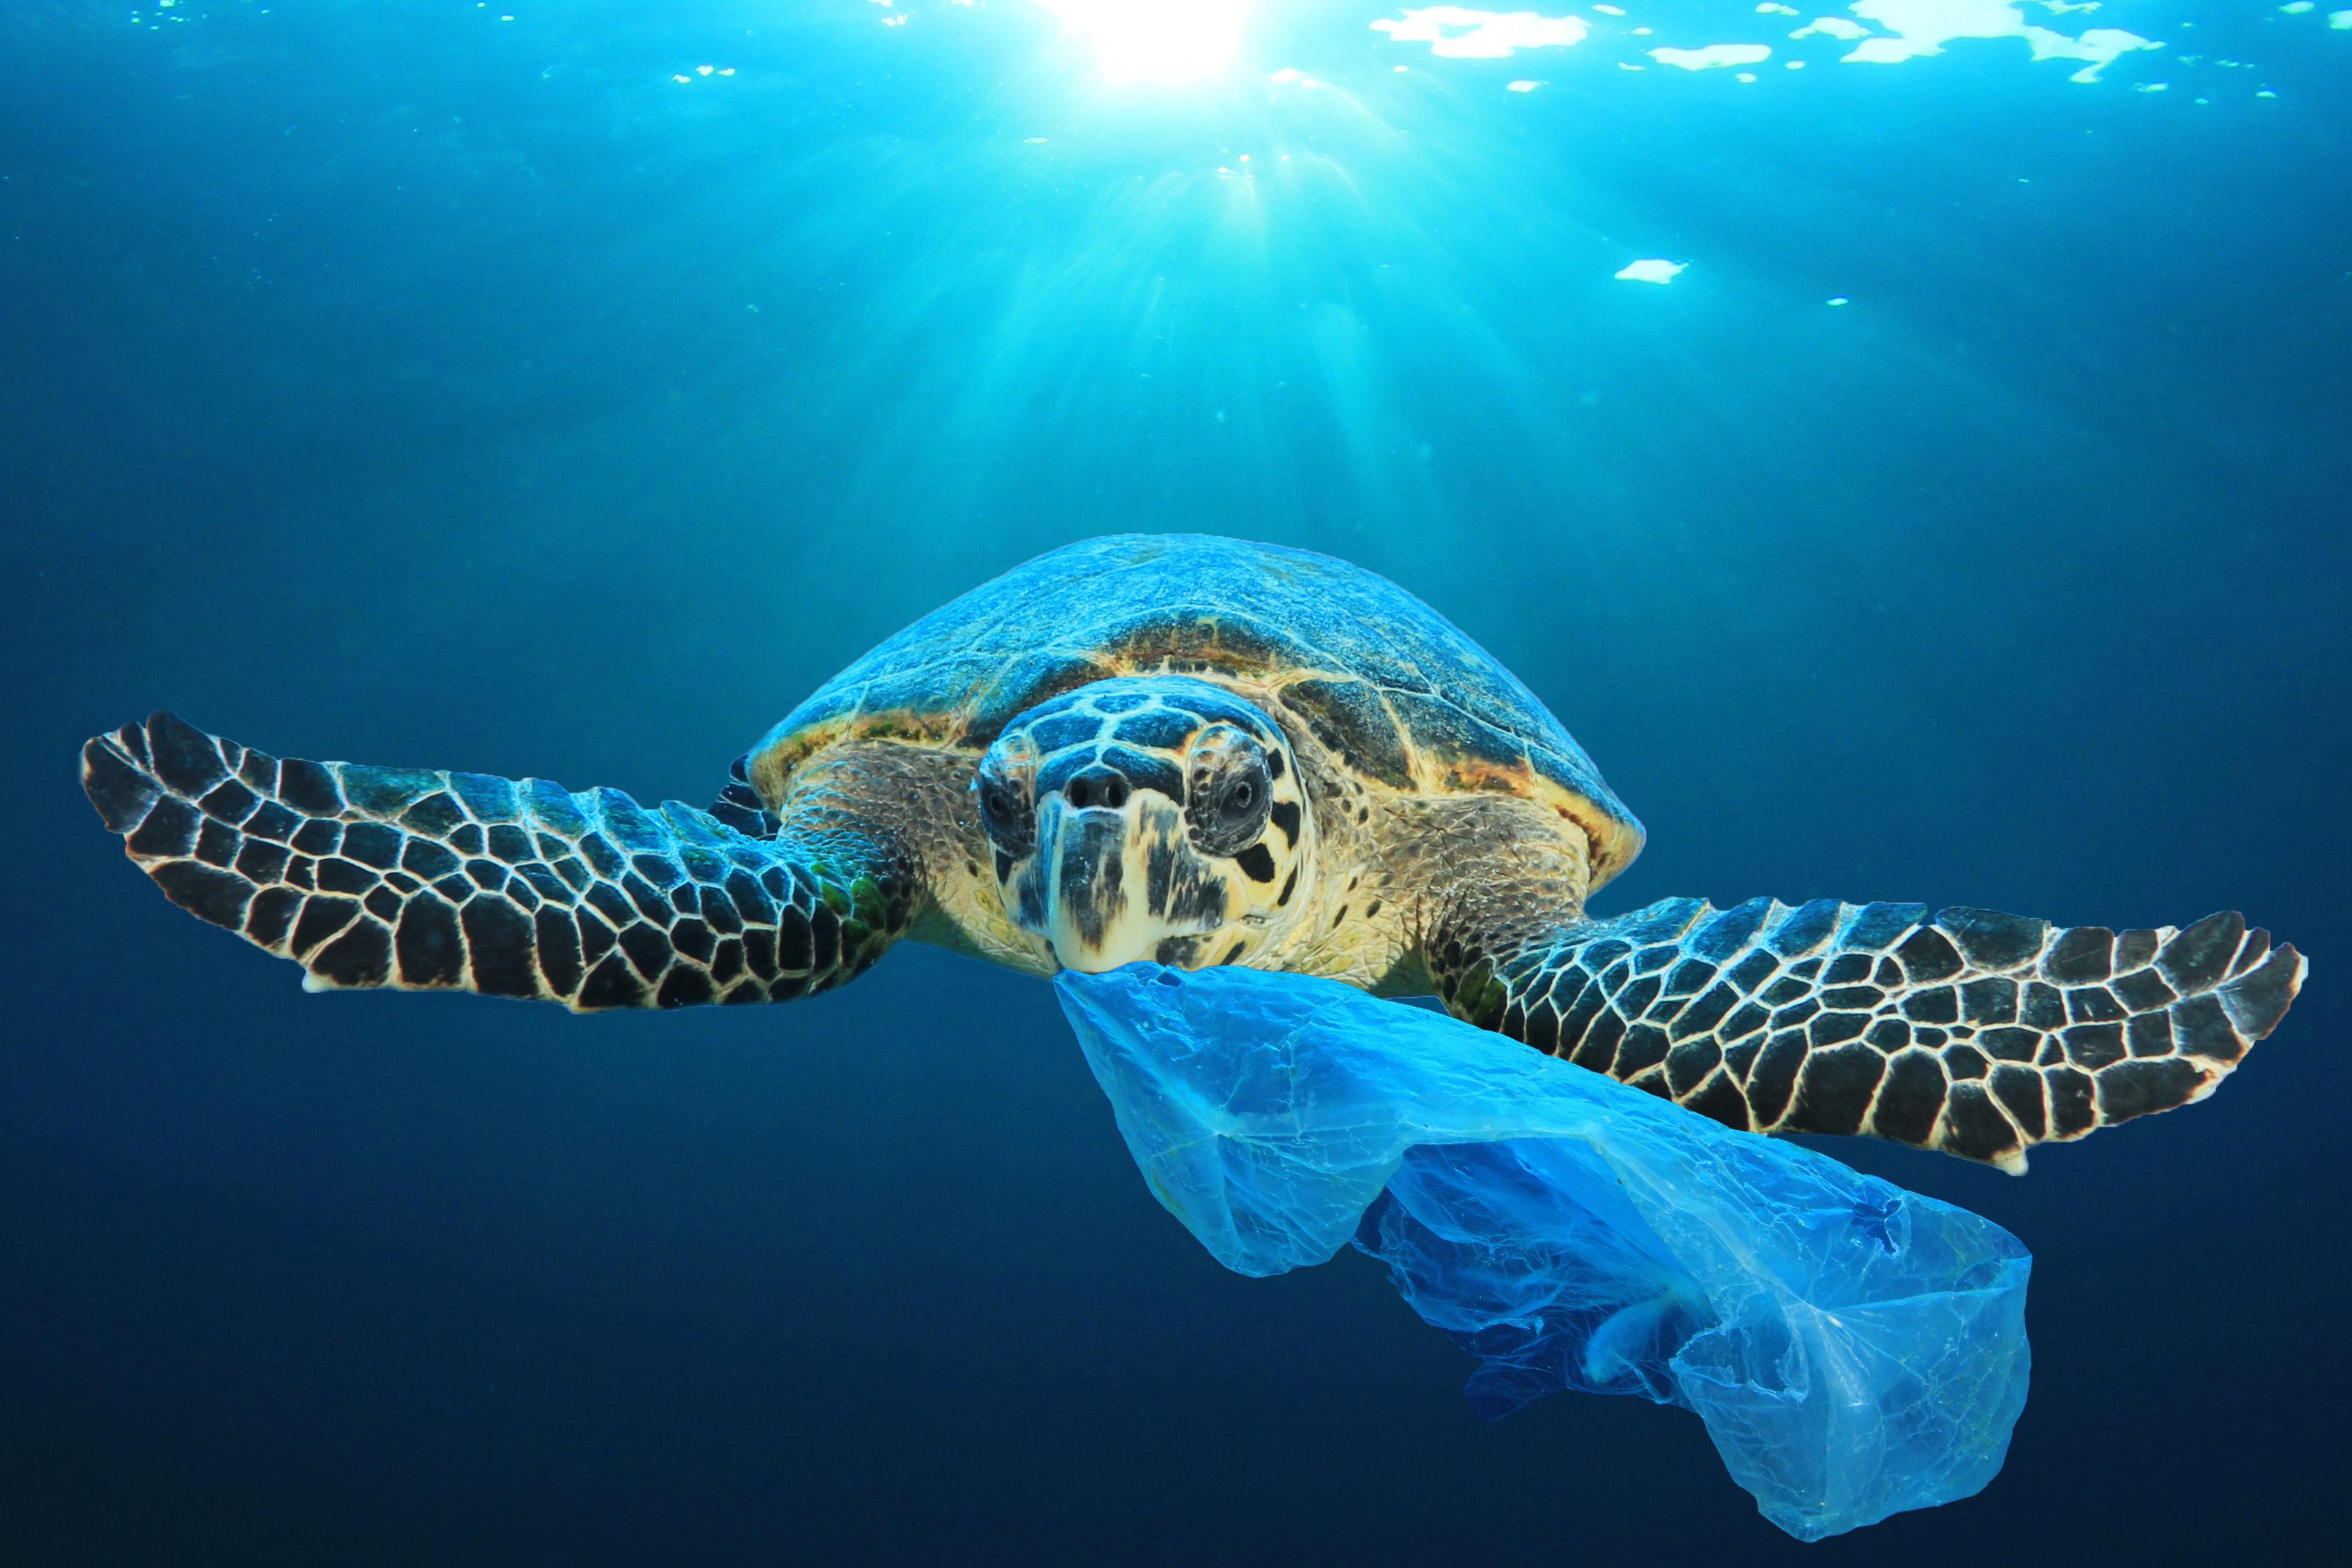 「地球防衛隊SDGs」第3話解説編「2050年には魚よりゴミのほうが多くなる?」